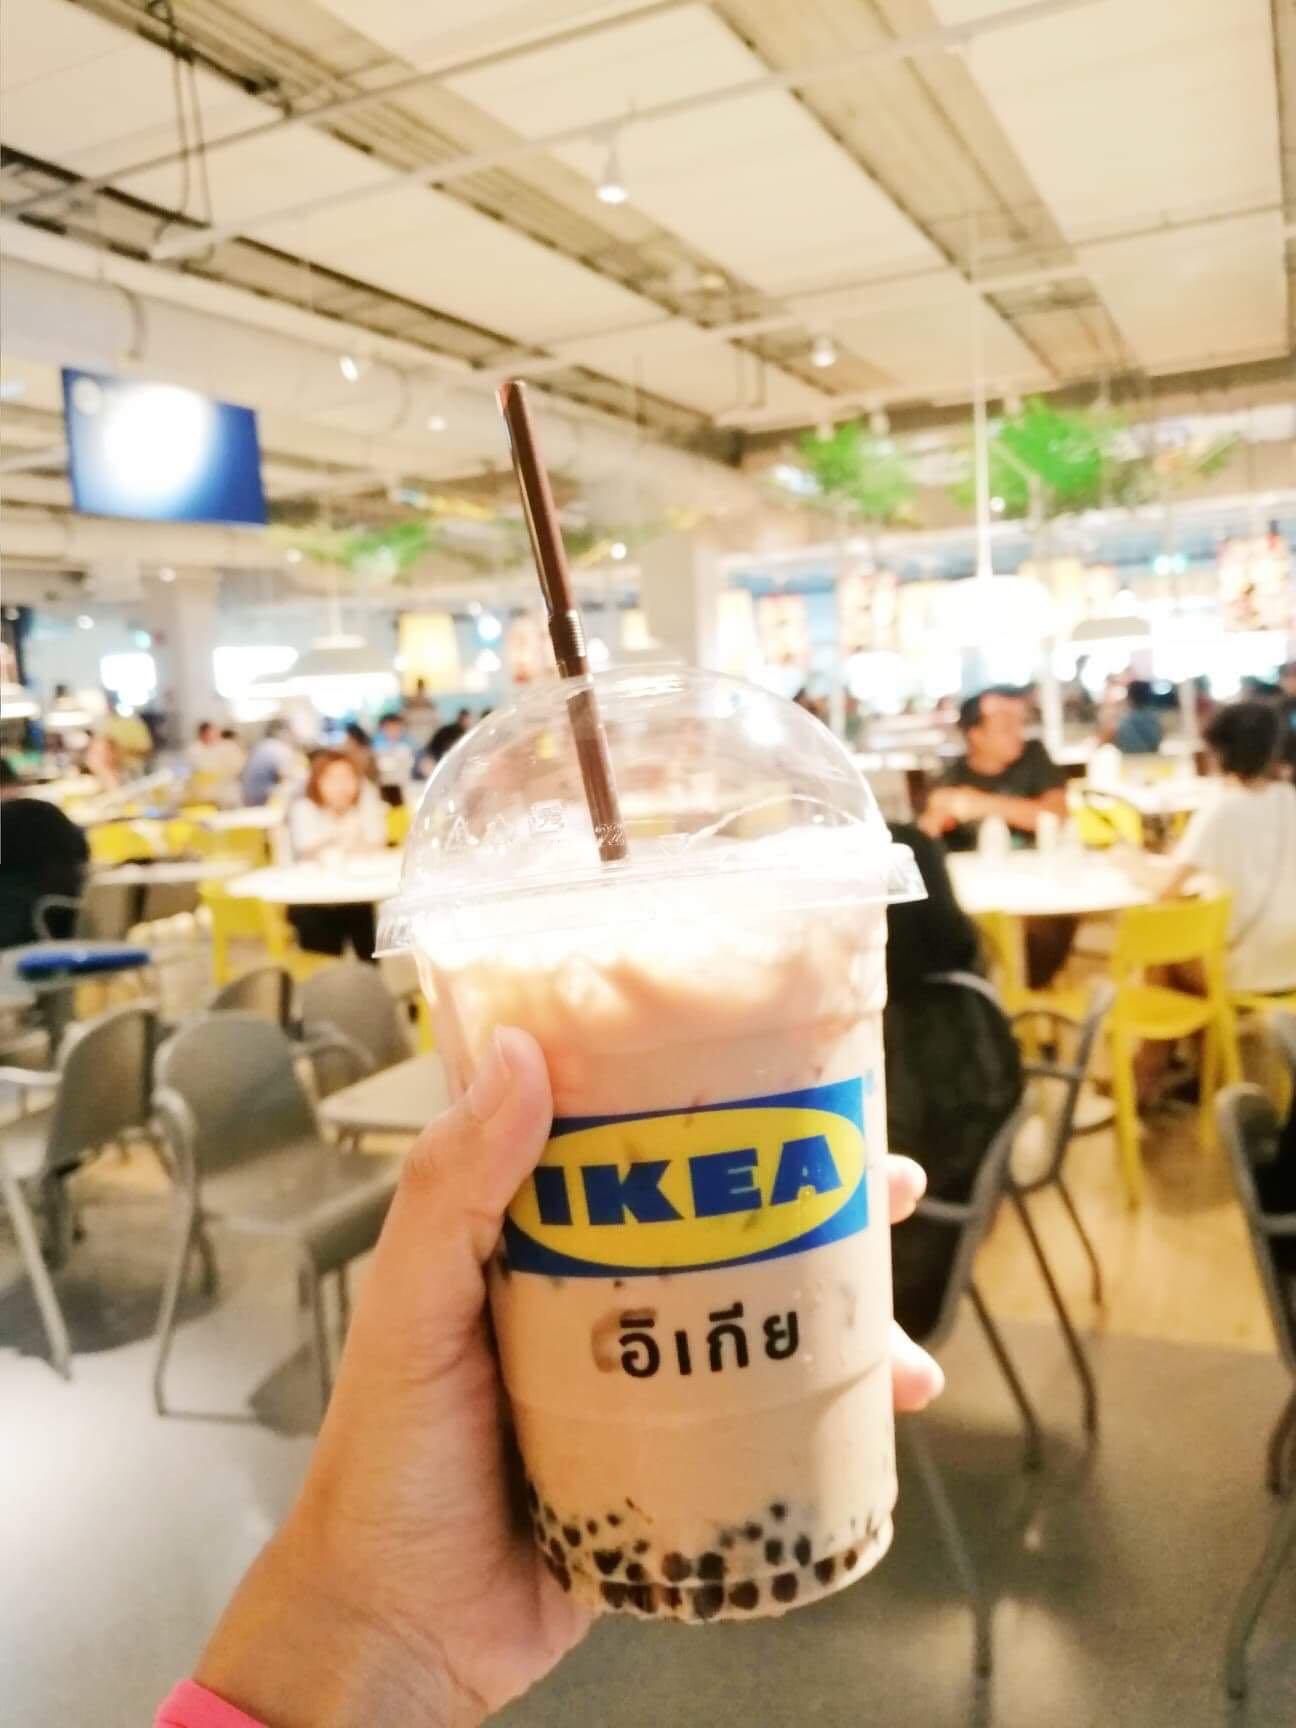 Cập nhật cho team đi Thái Lan: IKEA nay đã phục vụ những món ăn vặt cực hấp dẫn! 2